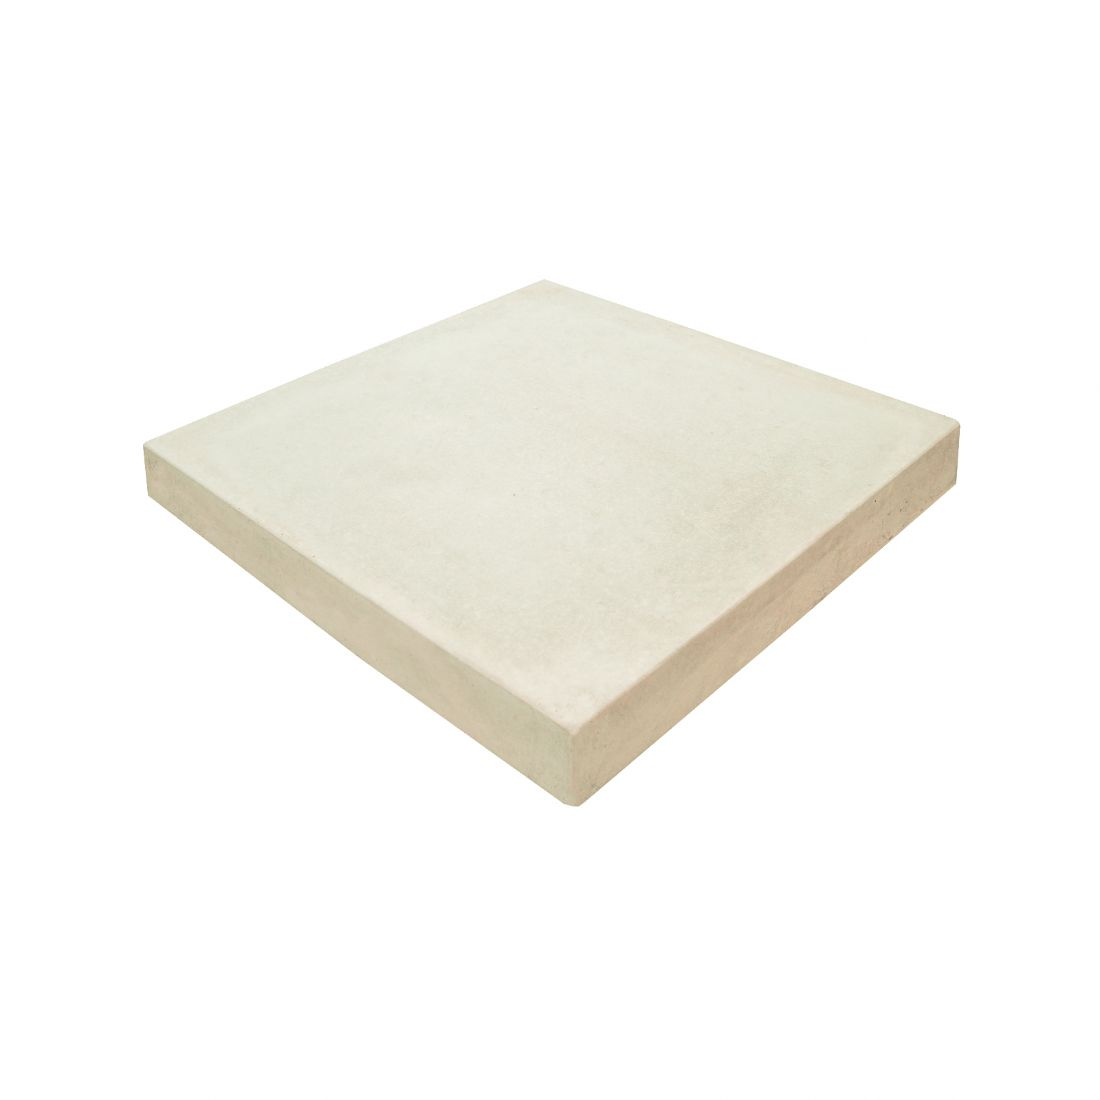 Milano Concrete Paver 300 x 300 x 37mm Sandstone #7